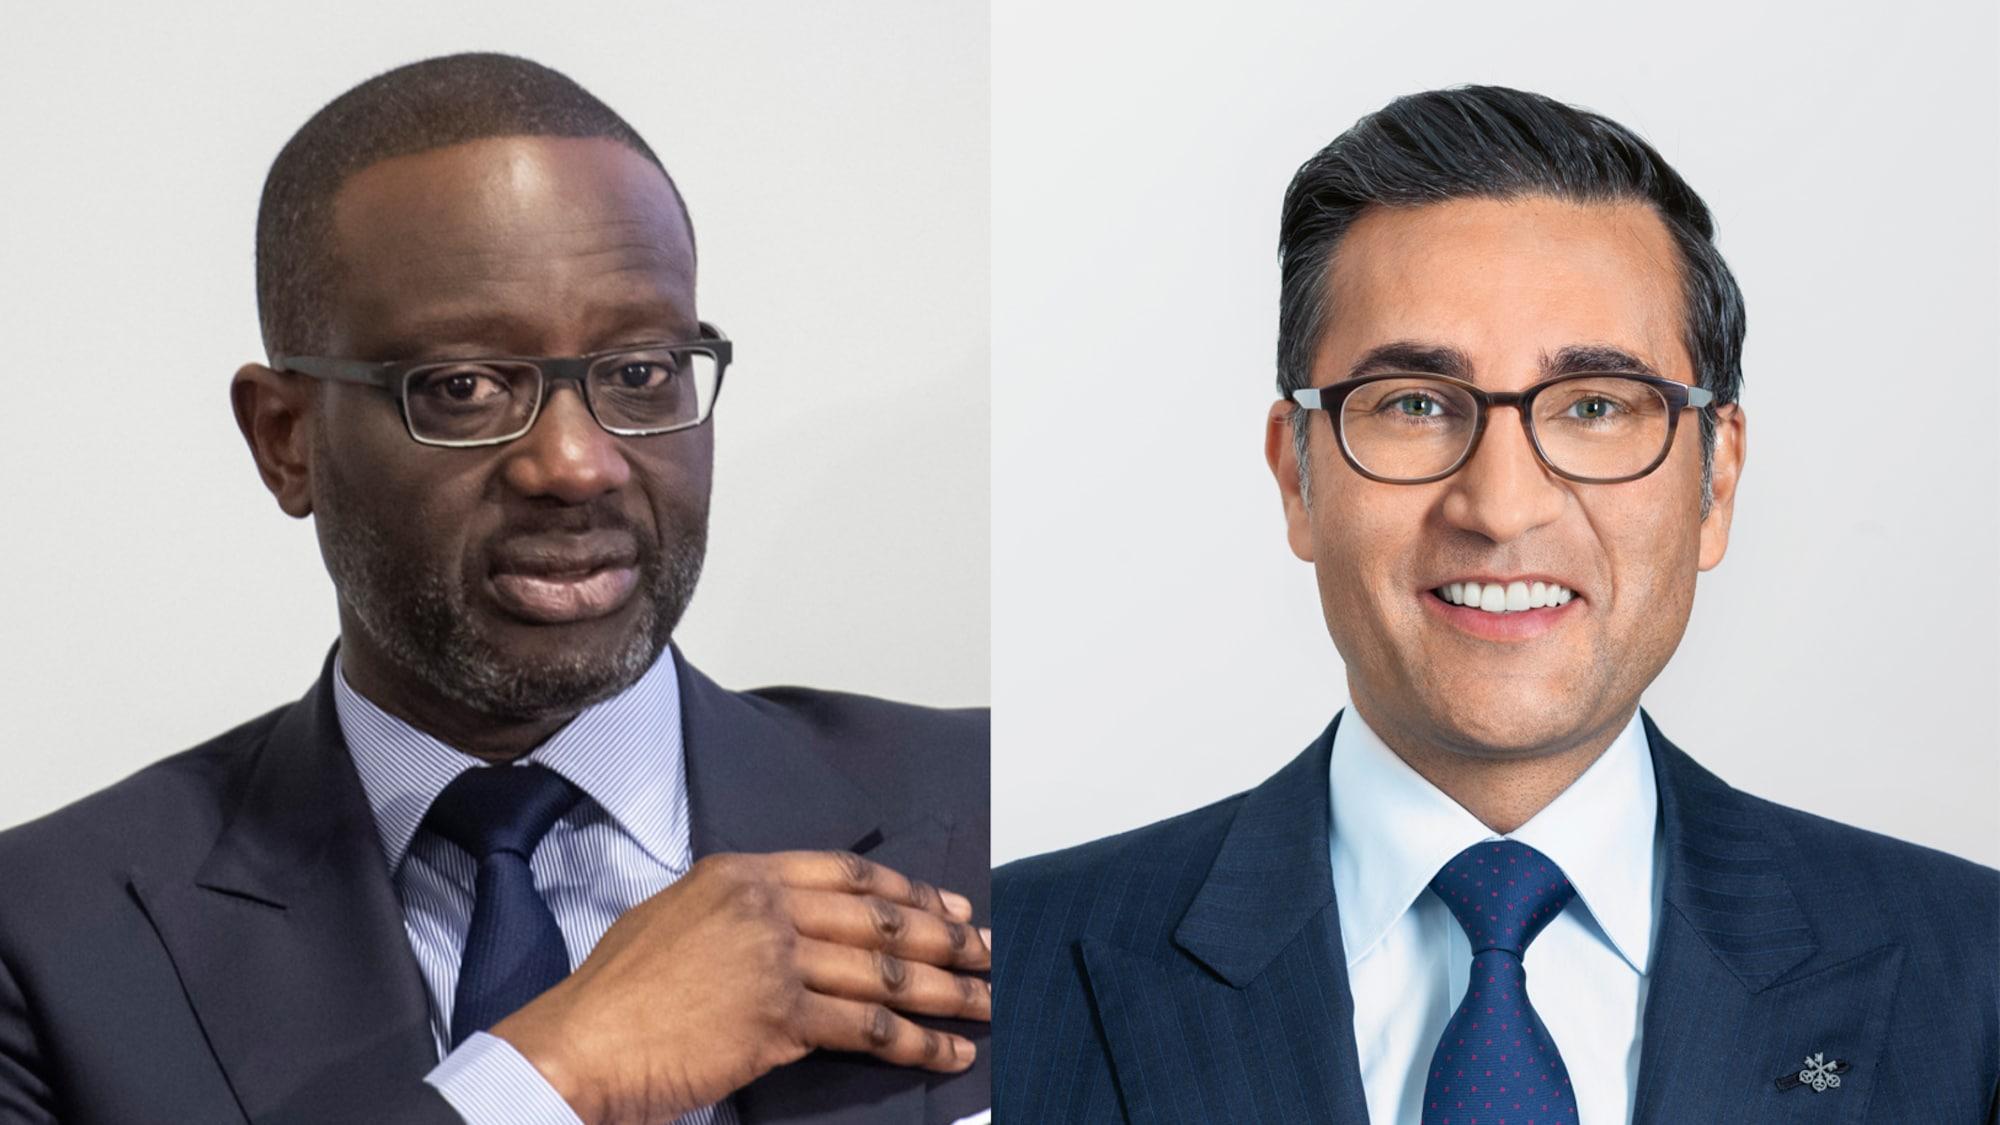 Mobbing in Chefetage der Credit Suisse: Streit zwischen Thiam und Khan begann mit Personalkonflikt